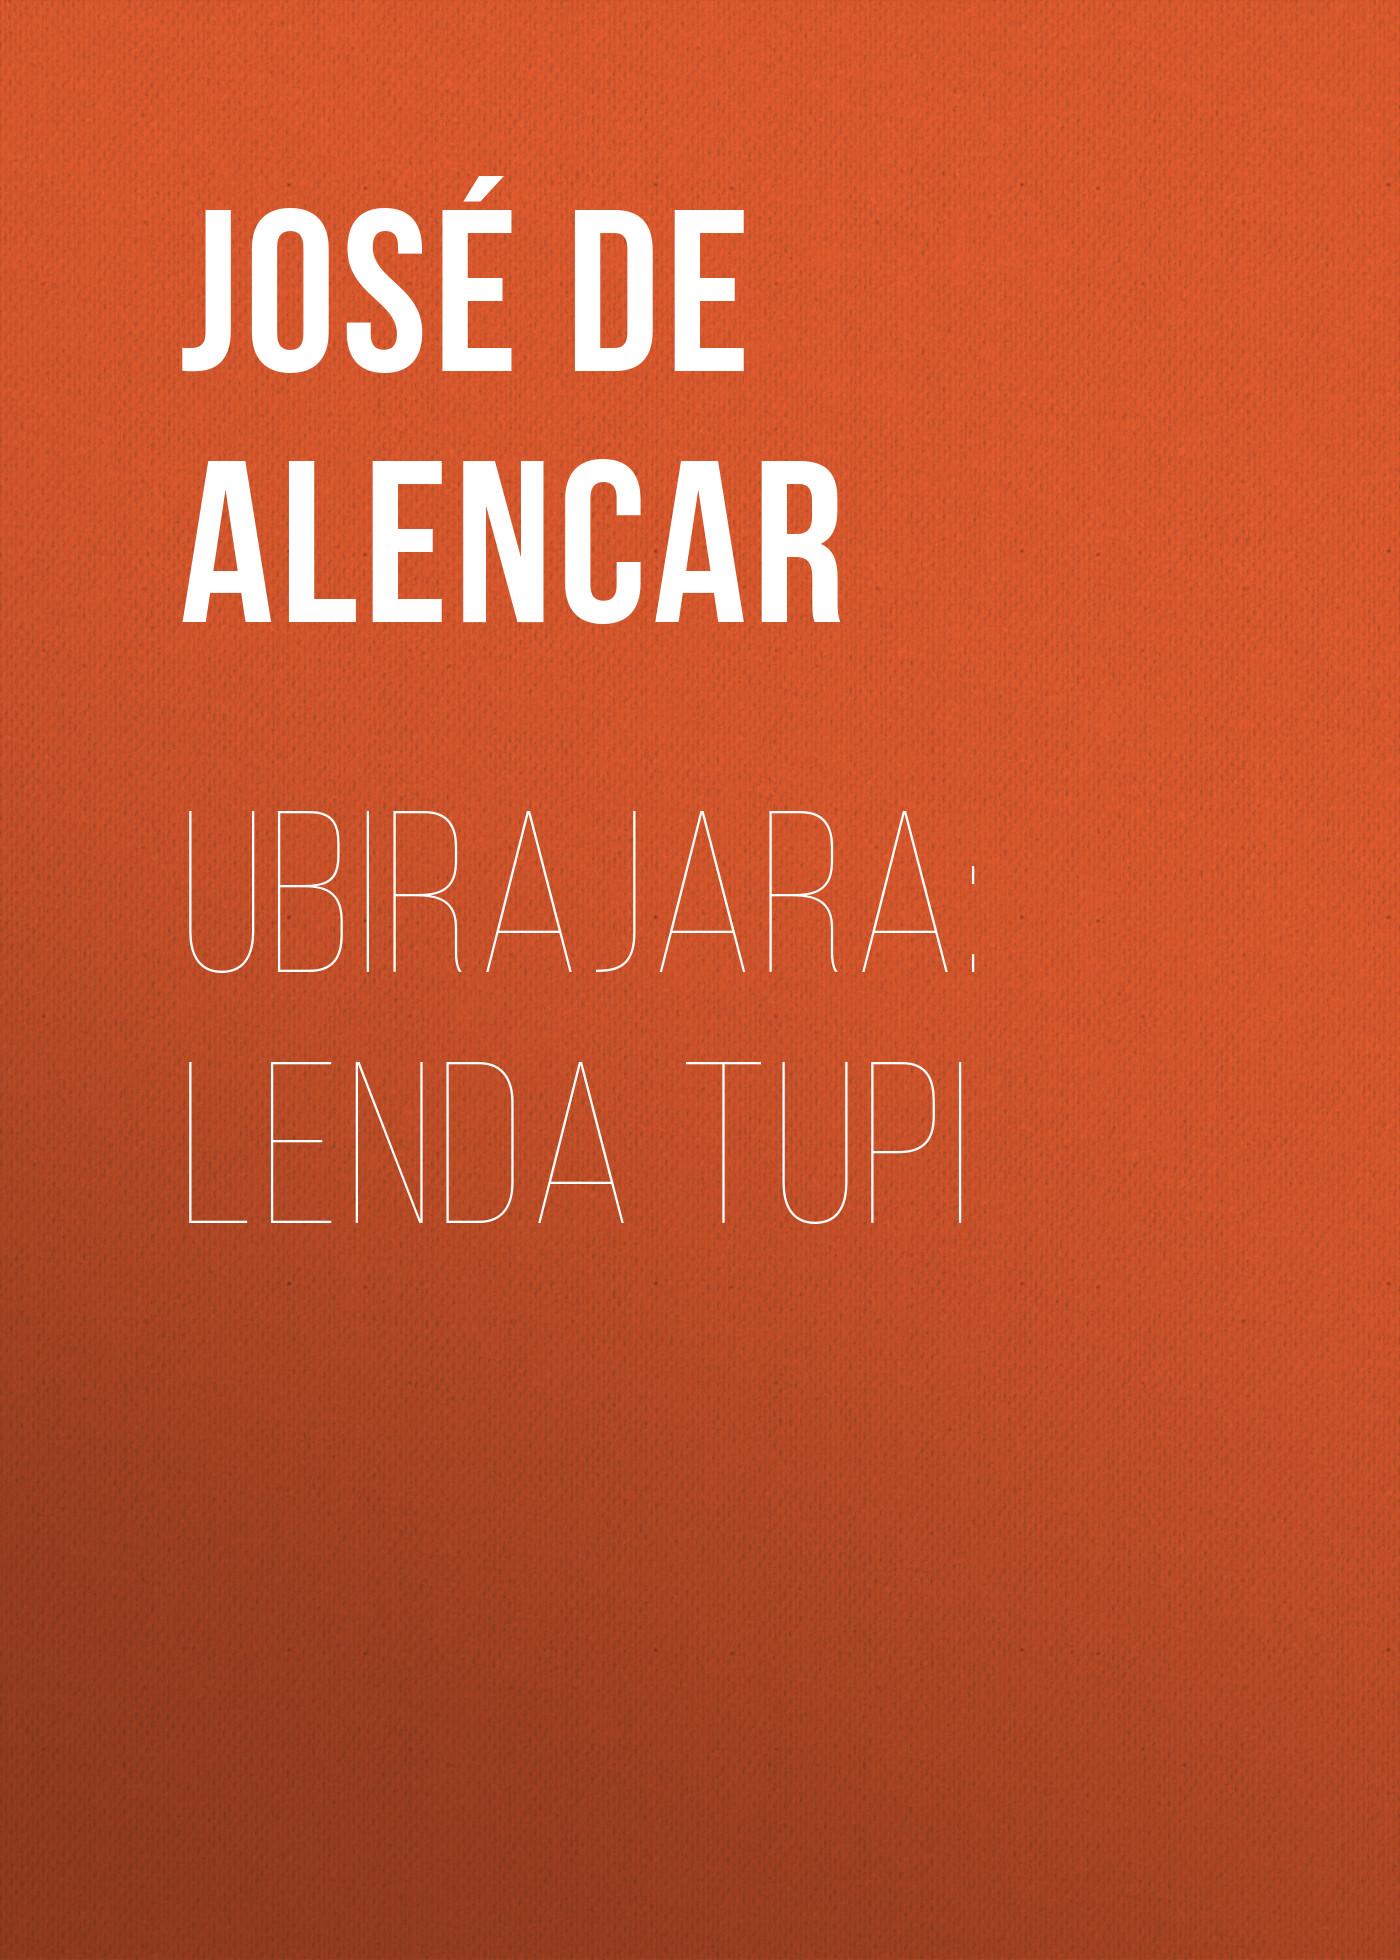 José Martiniano de Alencar Ubirajara: Lenda Tupi